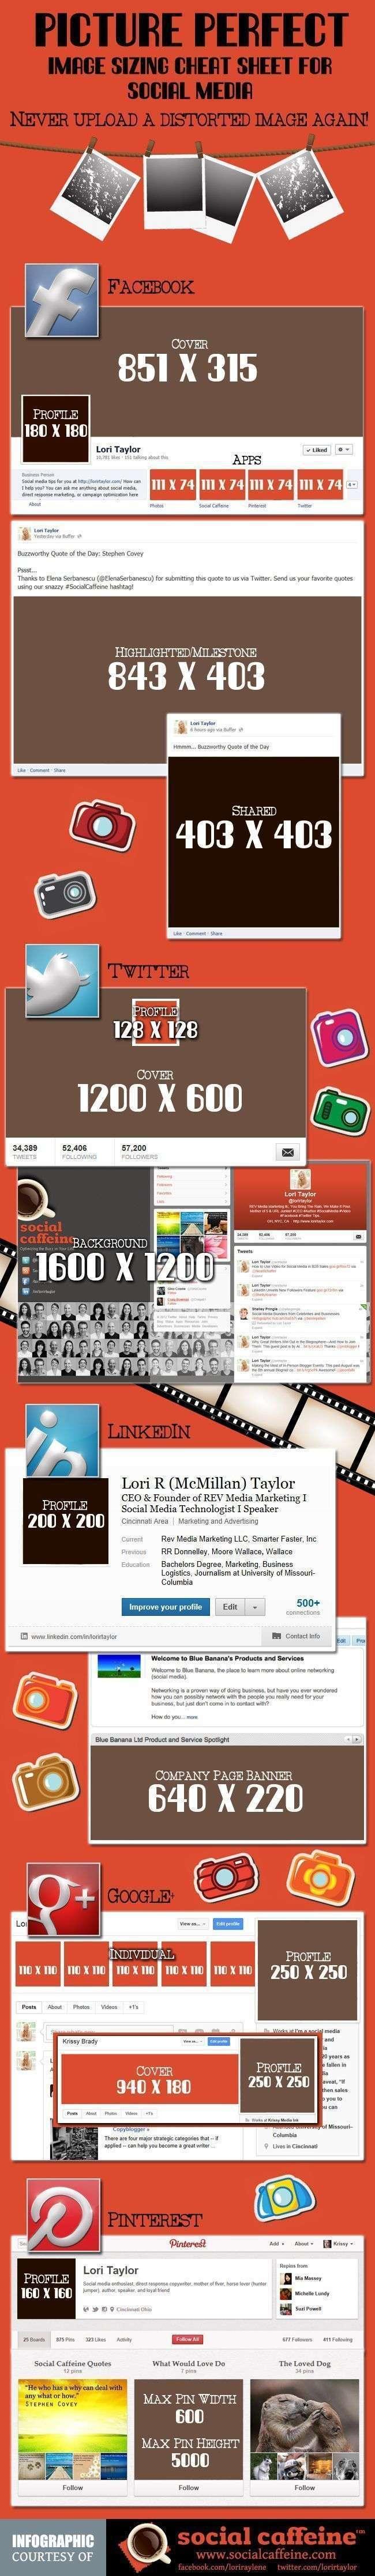 El tamaño de la imagen en las redes sociales